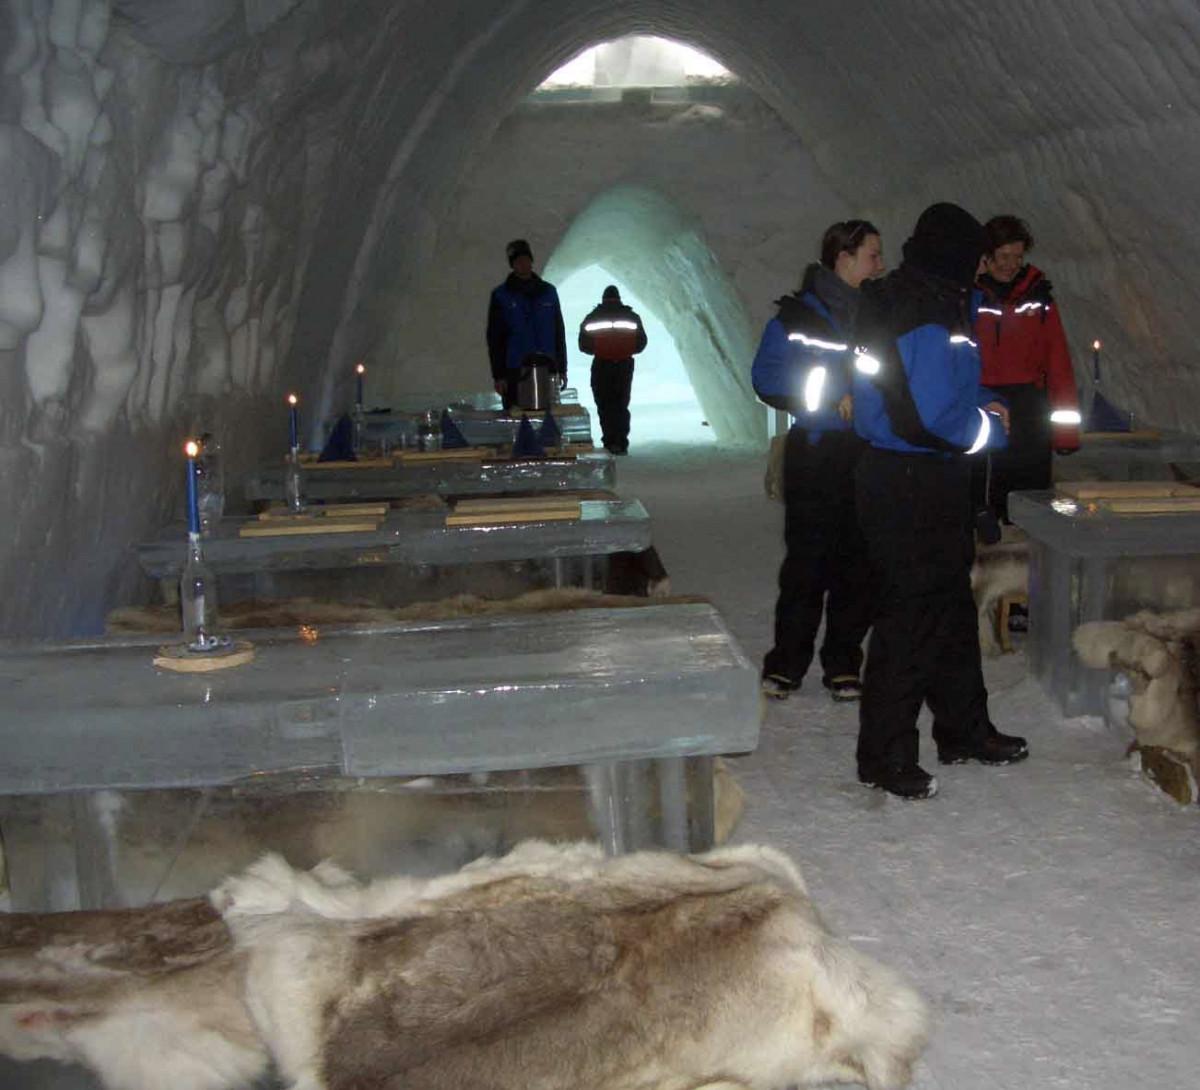 een bezoek aan een ijshotel